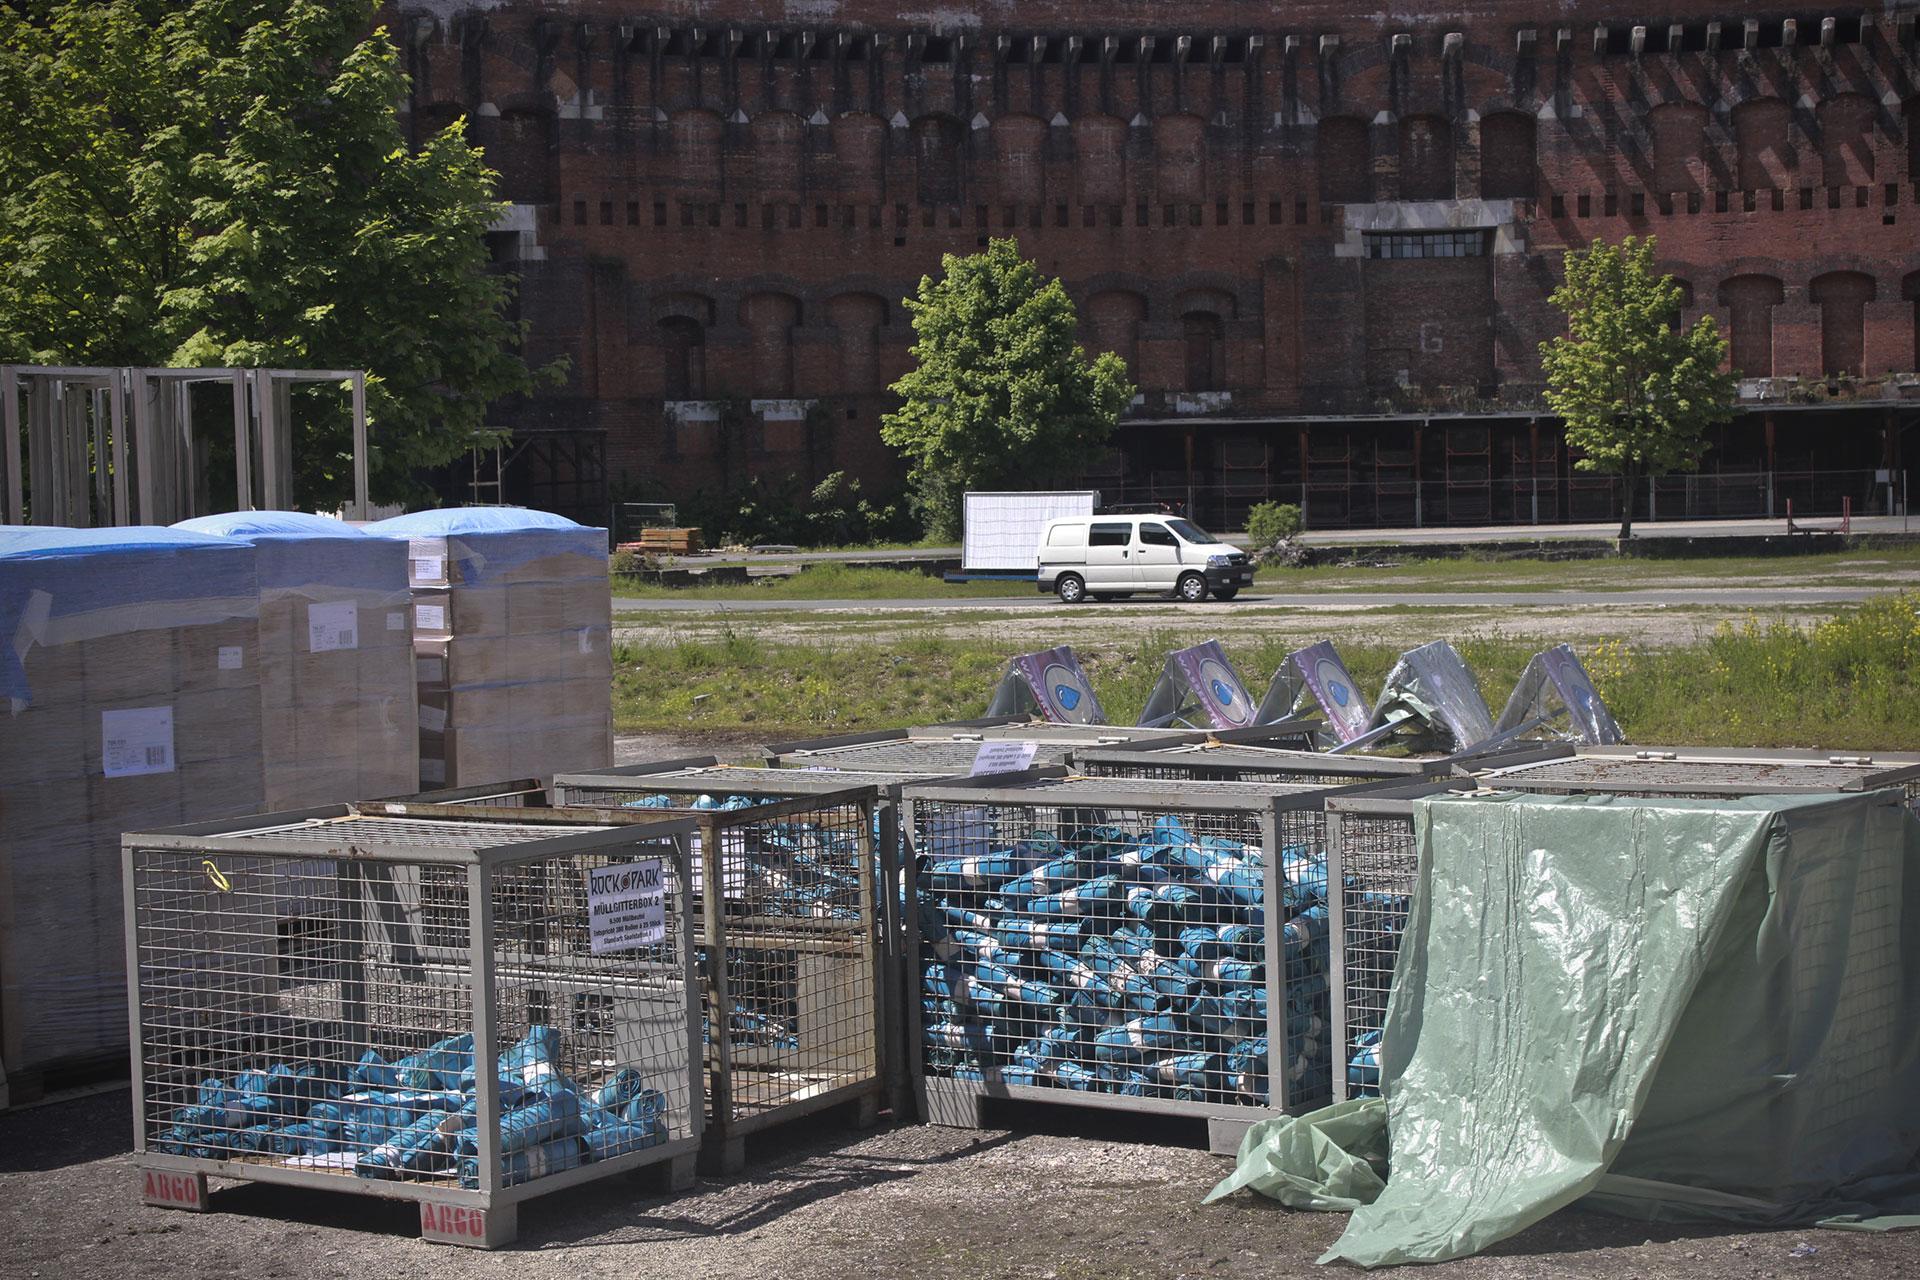 Materiales para preparar el festival de rock frente al antiguo Palacio de Congresos